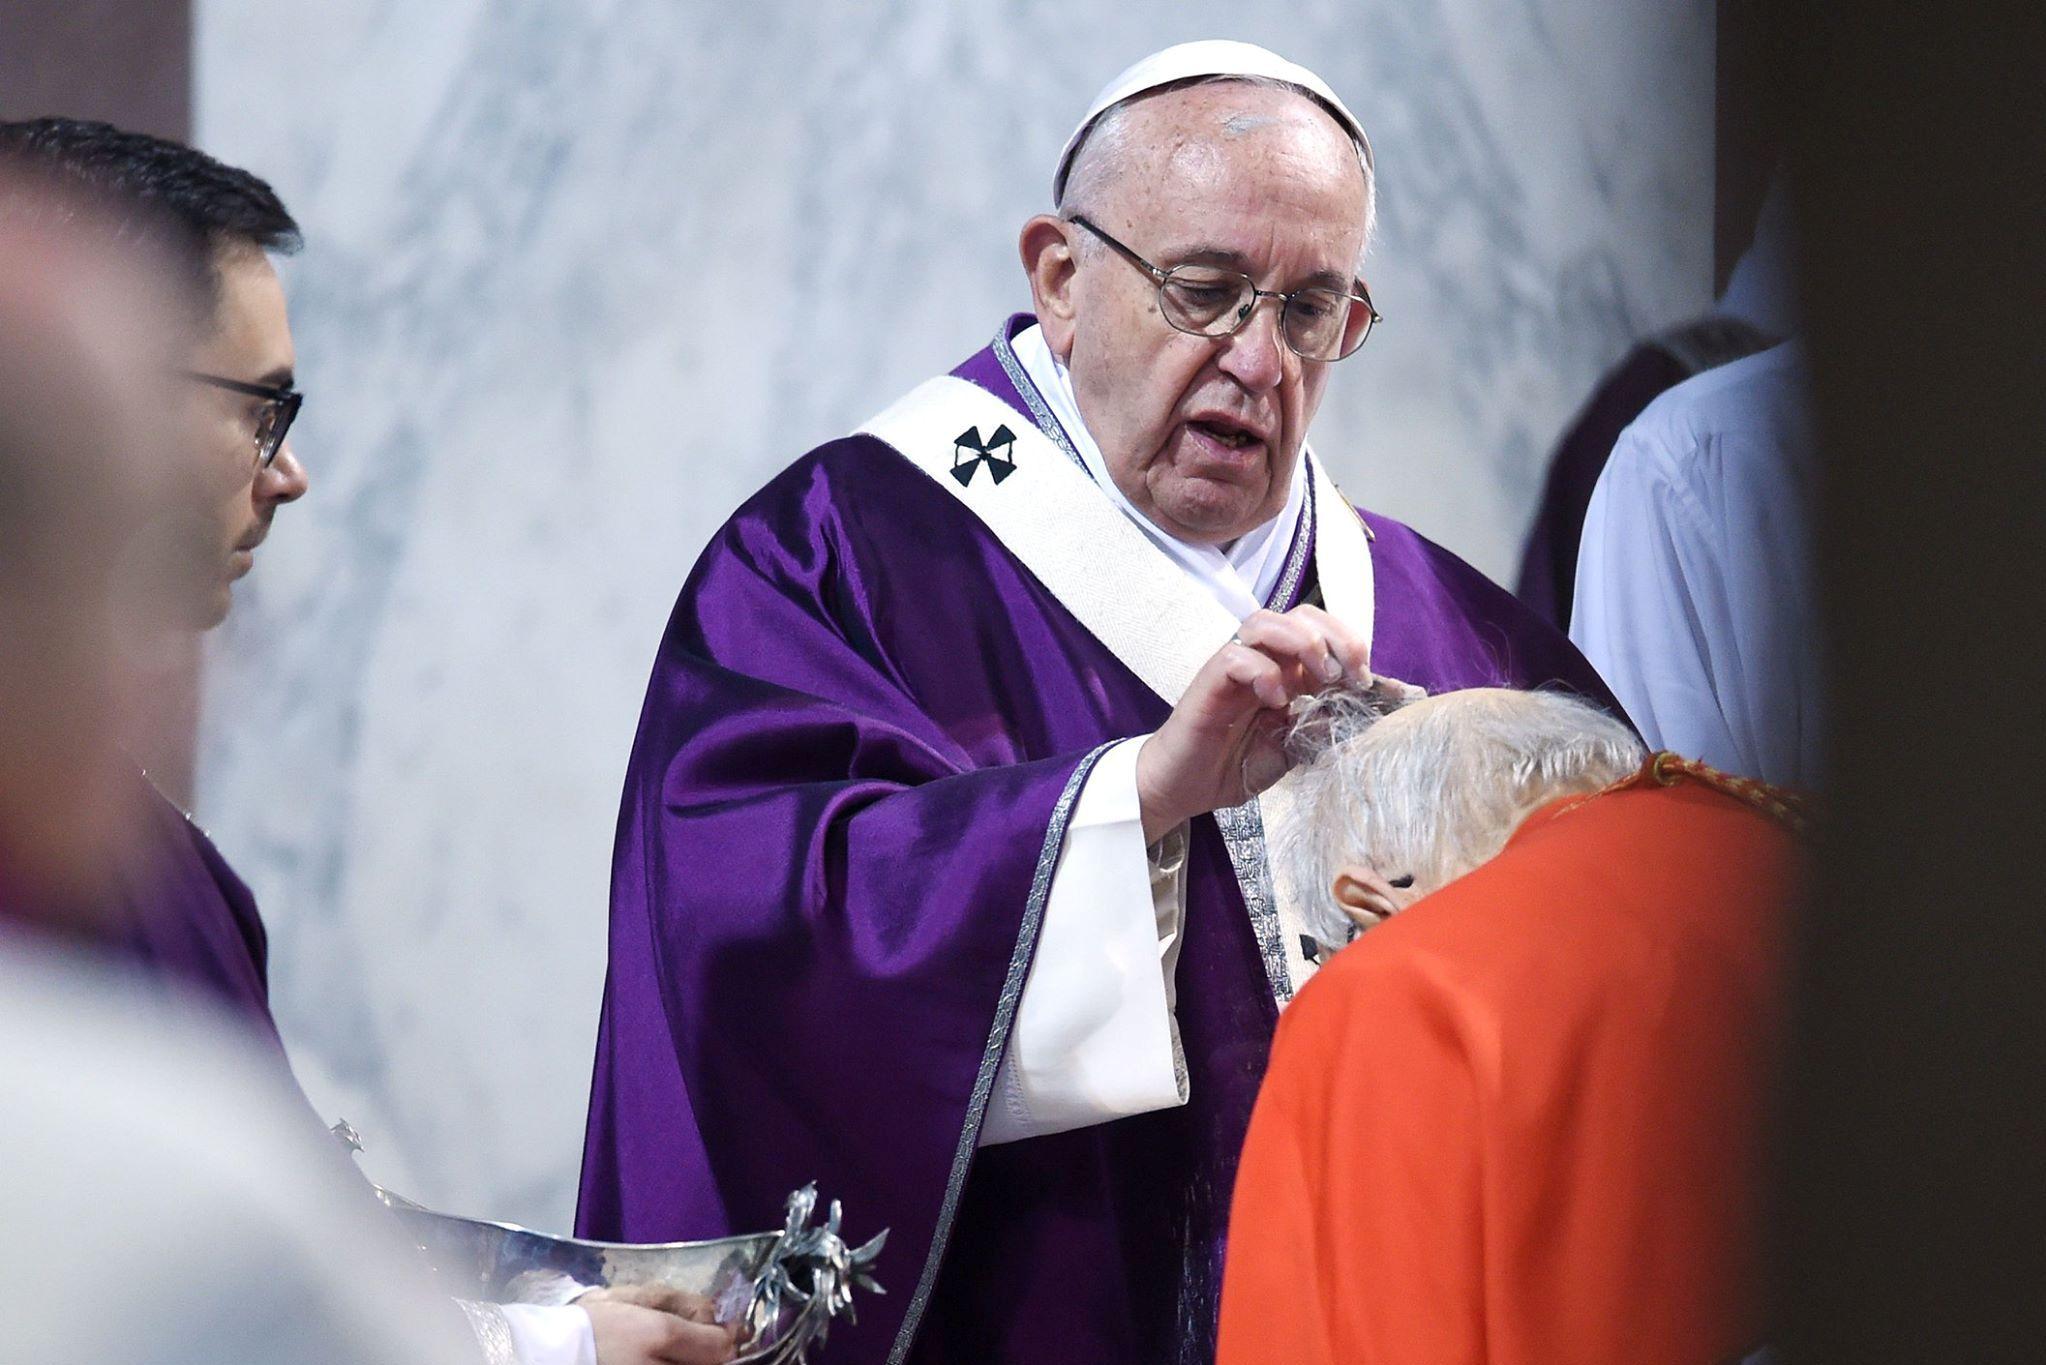 Papa condena violência sem sentido após massacre em escola na Flórida